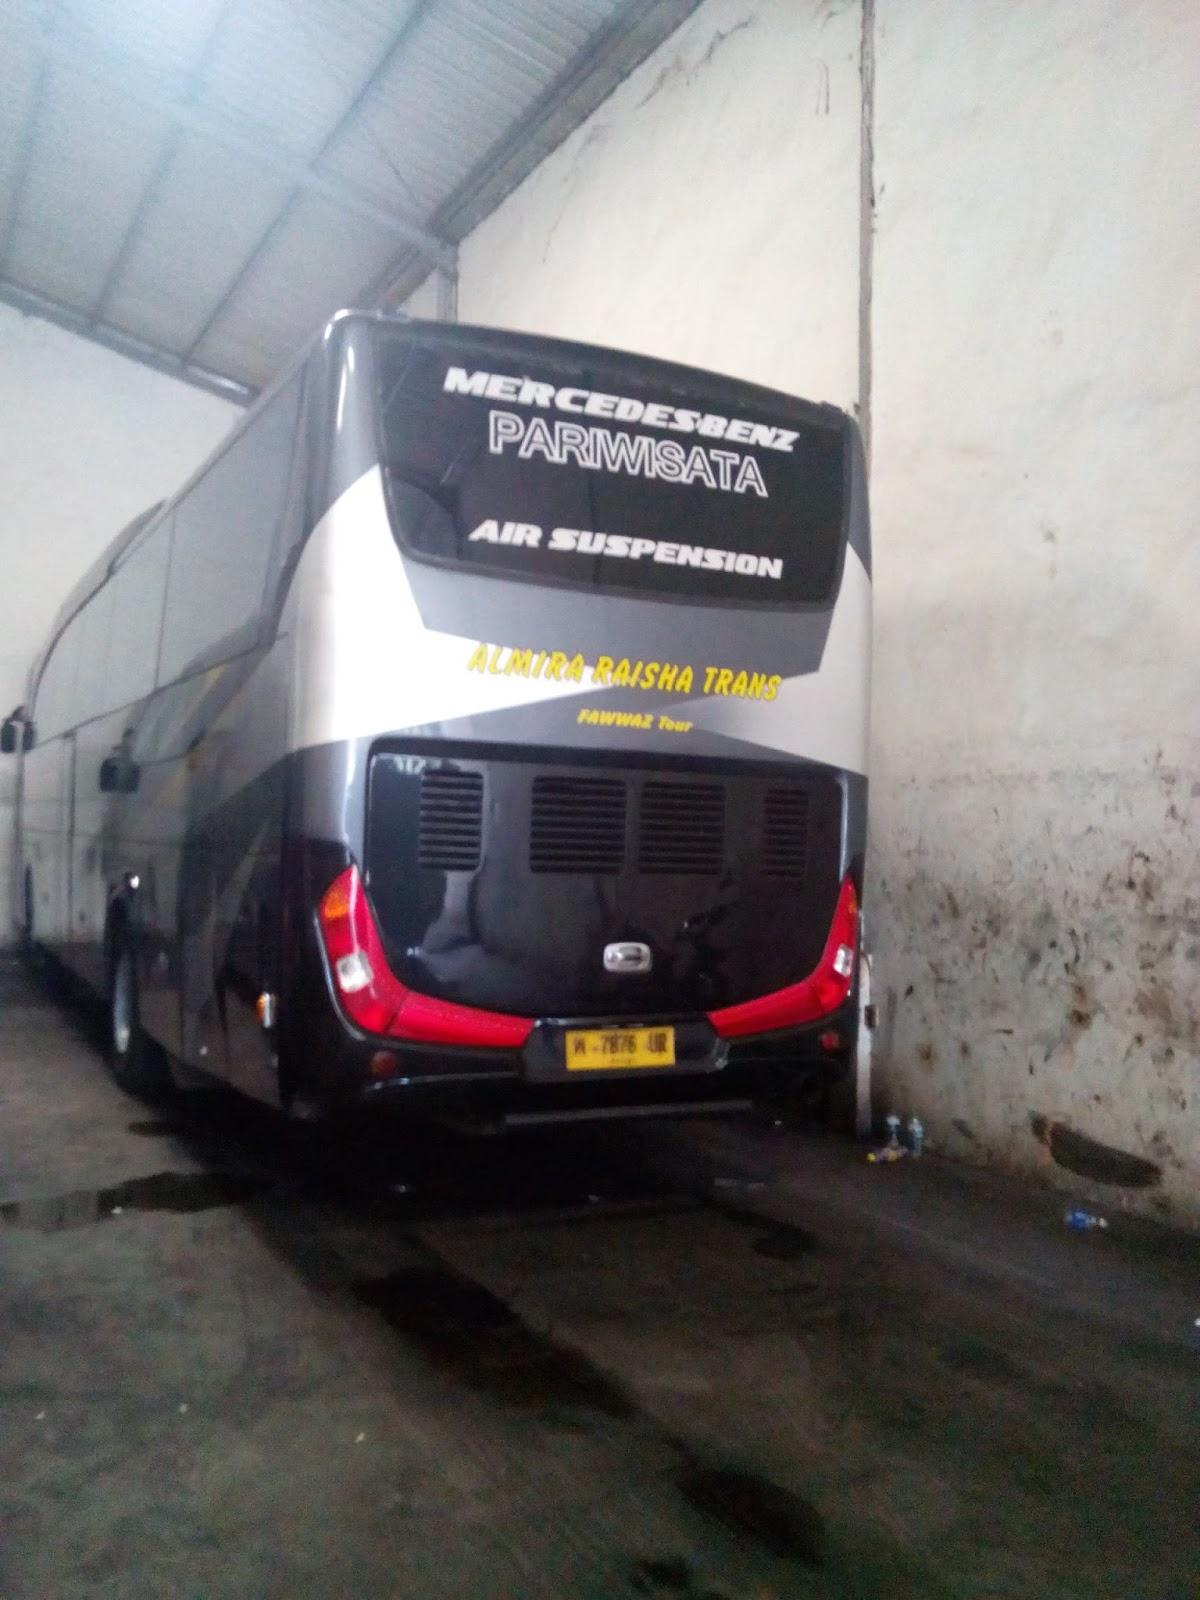 Sewa Bus Pariwisata PO. Fawwaz Tour Surabaya - Carter Bus ...